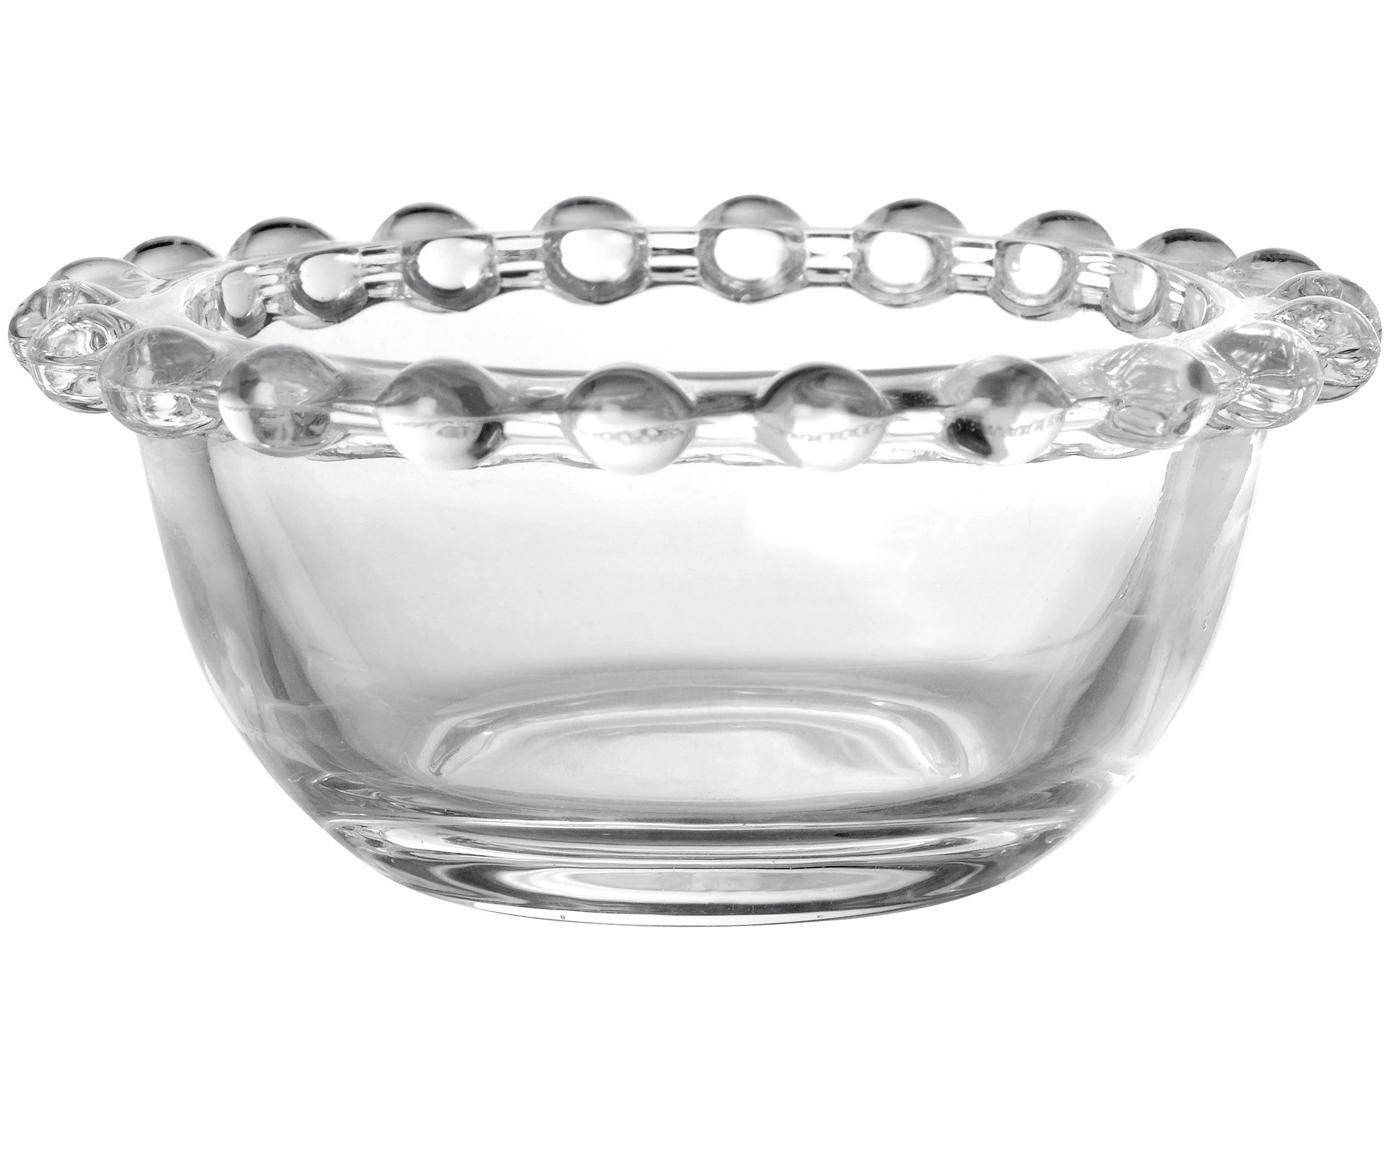 Ciotola Perles 2 pz, Vetro, Trasparente, Ø 9 x Alt. 4 cm